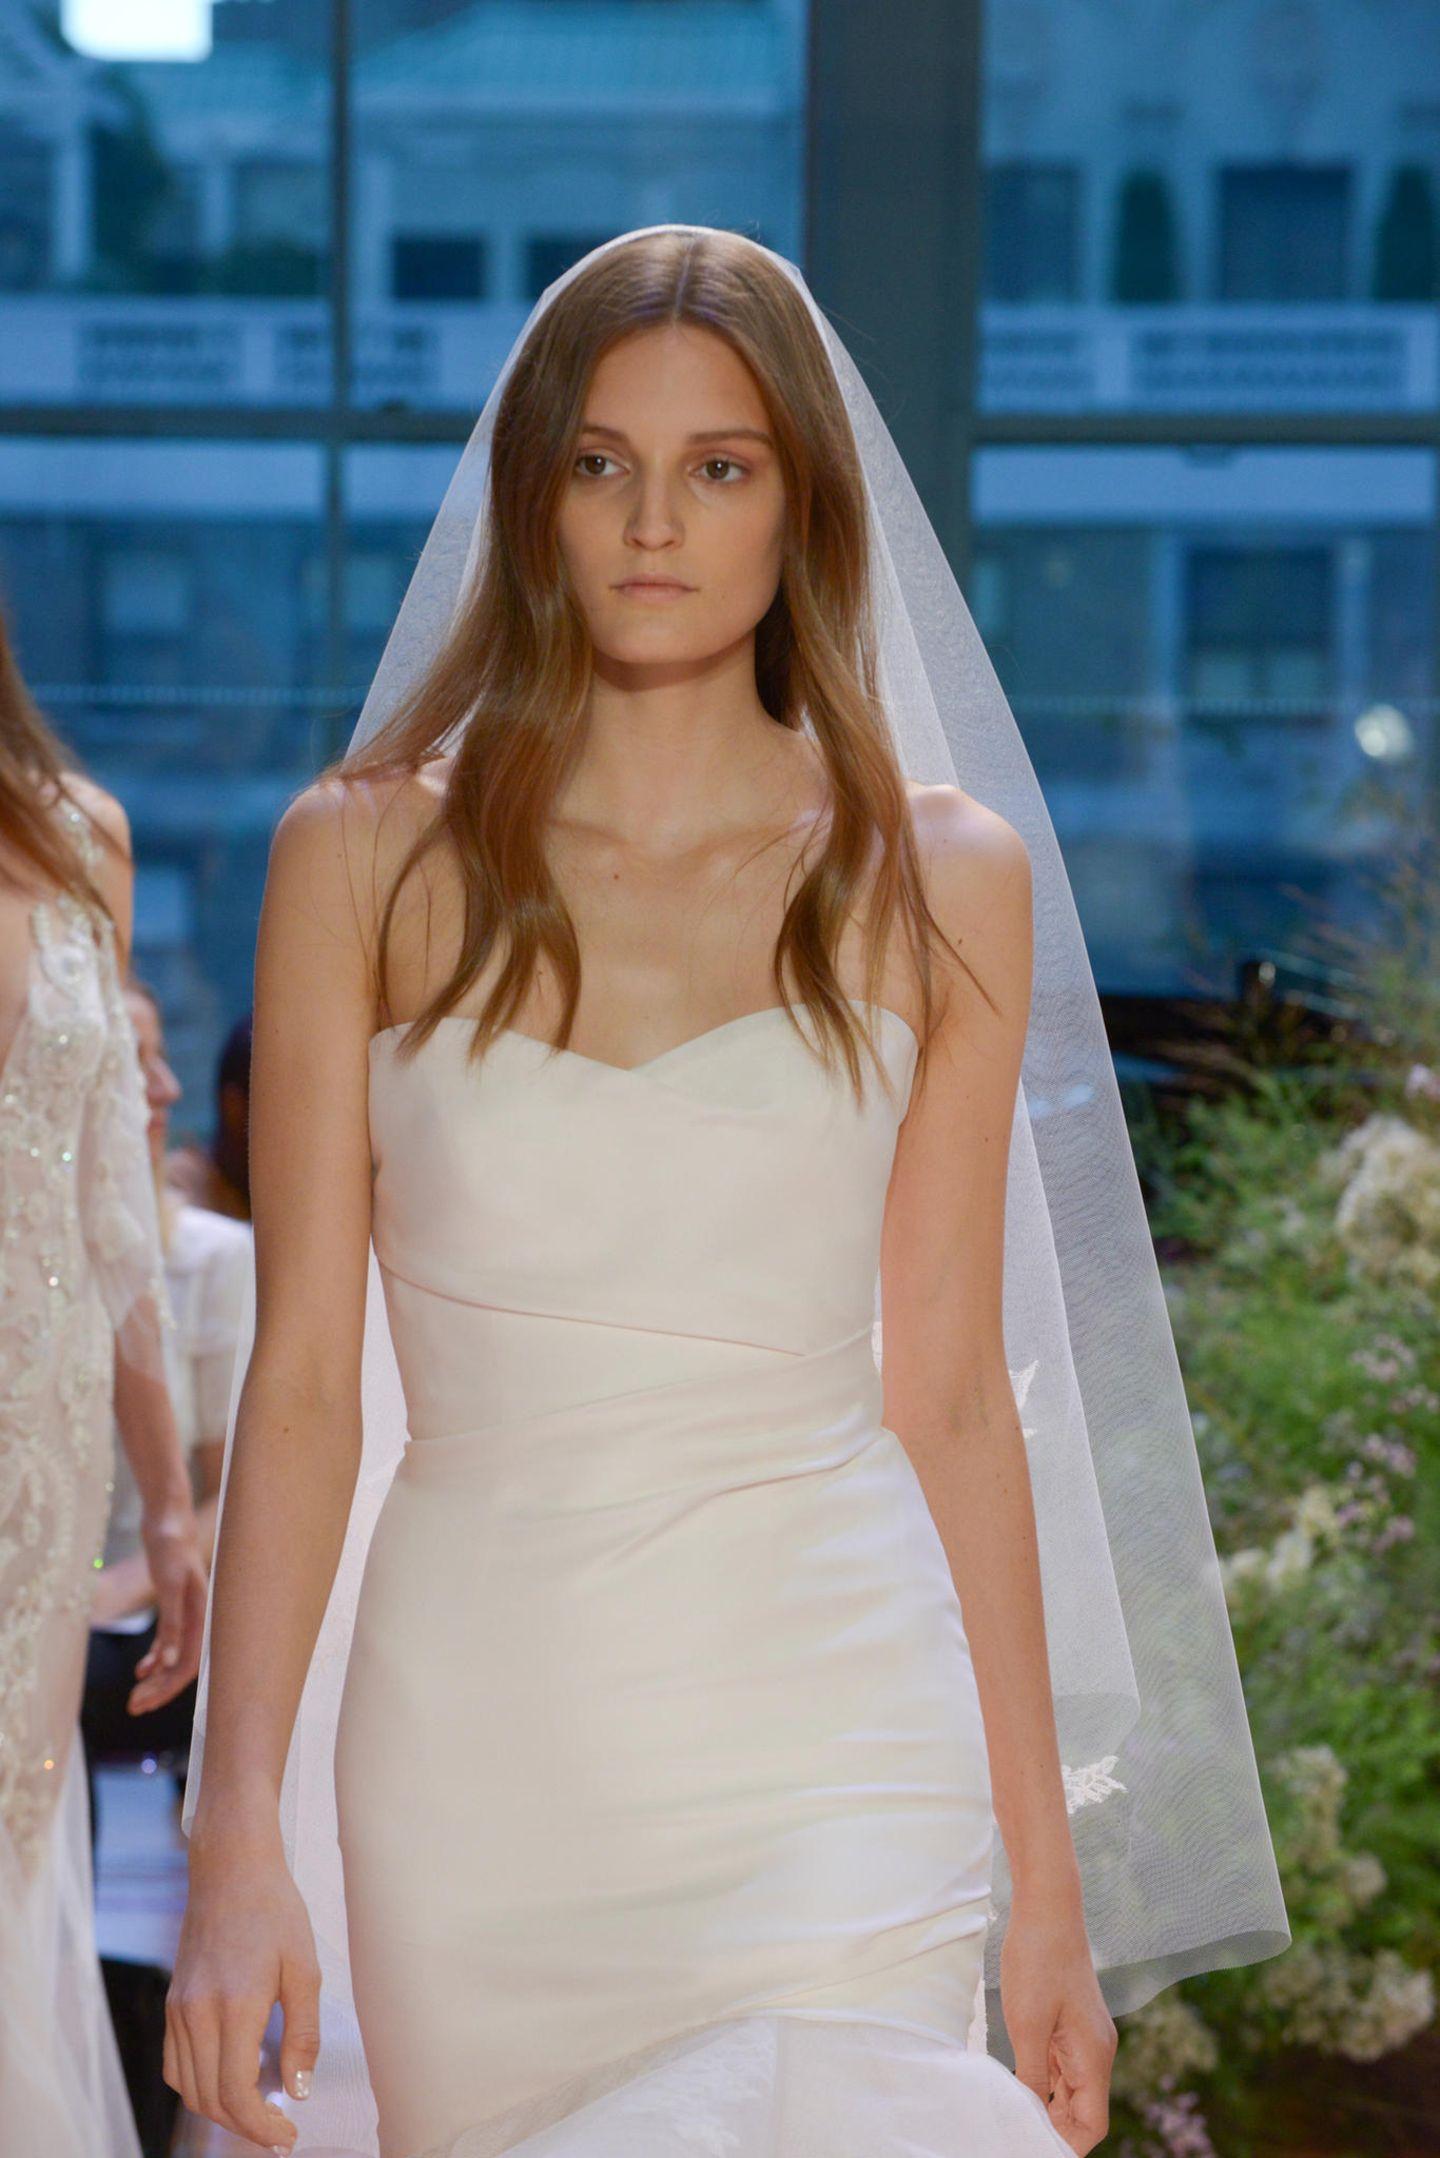 Brautfrisur mit Schleier: Frau mit Brautkleid, Schleier und offenen Haaren